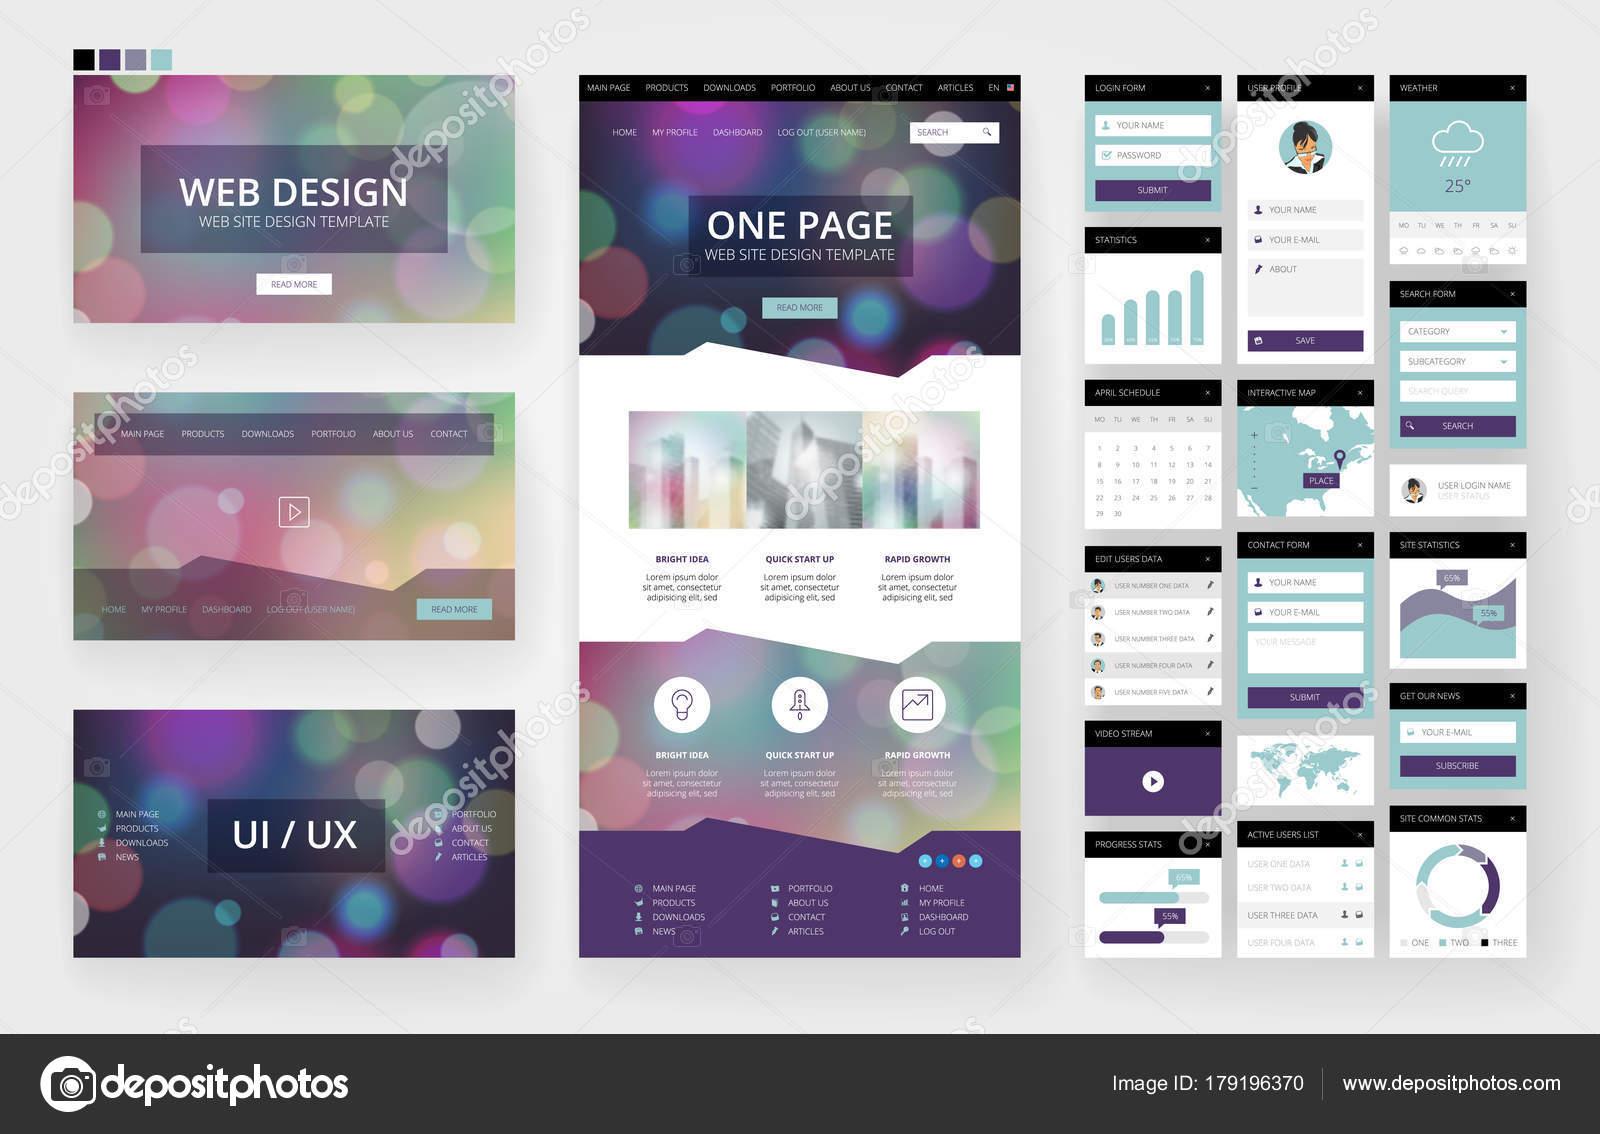 Prvky rozhraní a šablony návrhu webové stránky — Stock Vektor ... e41431a910d